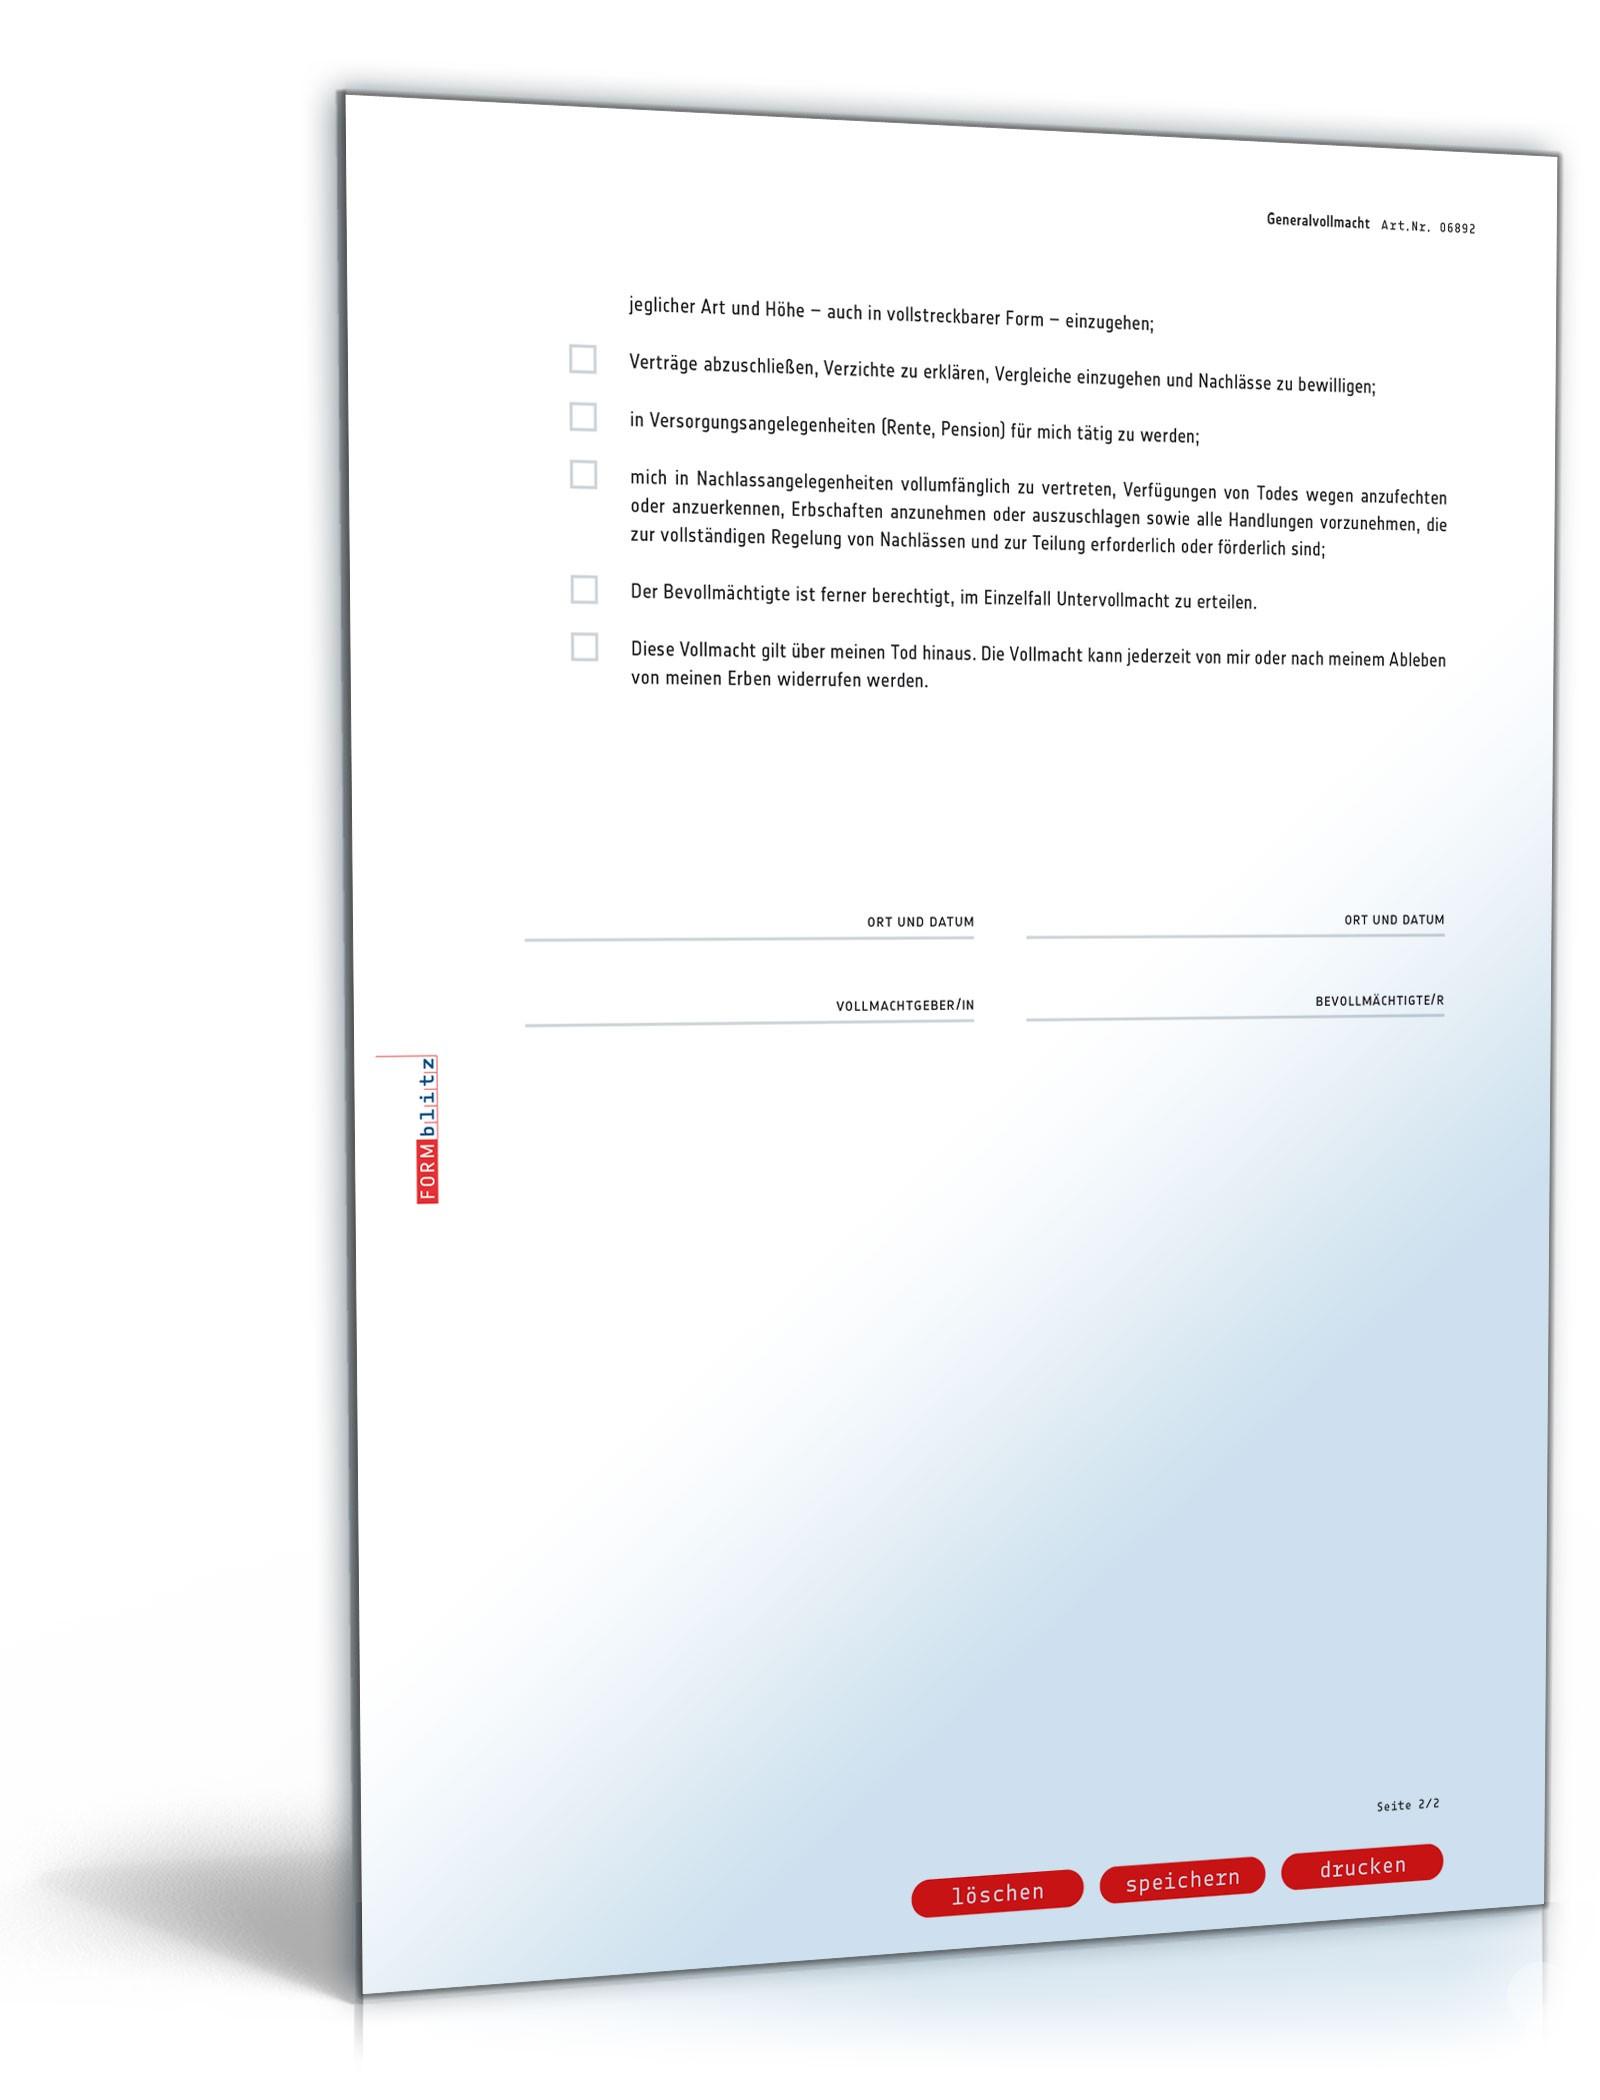 pdf seite 2 - Generalvollmacht Muster